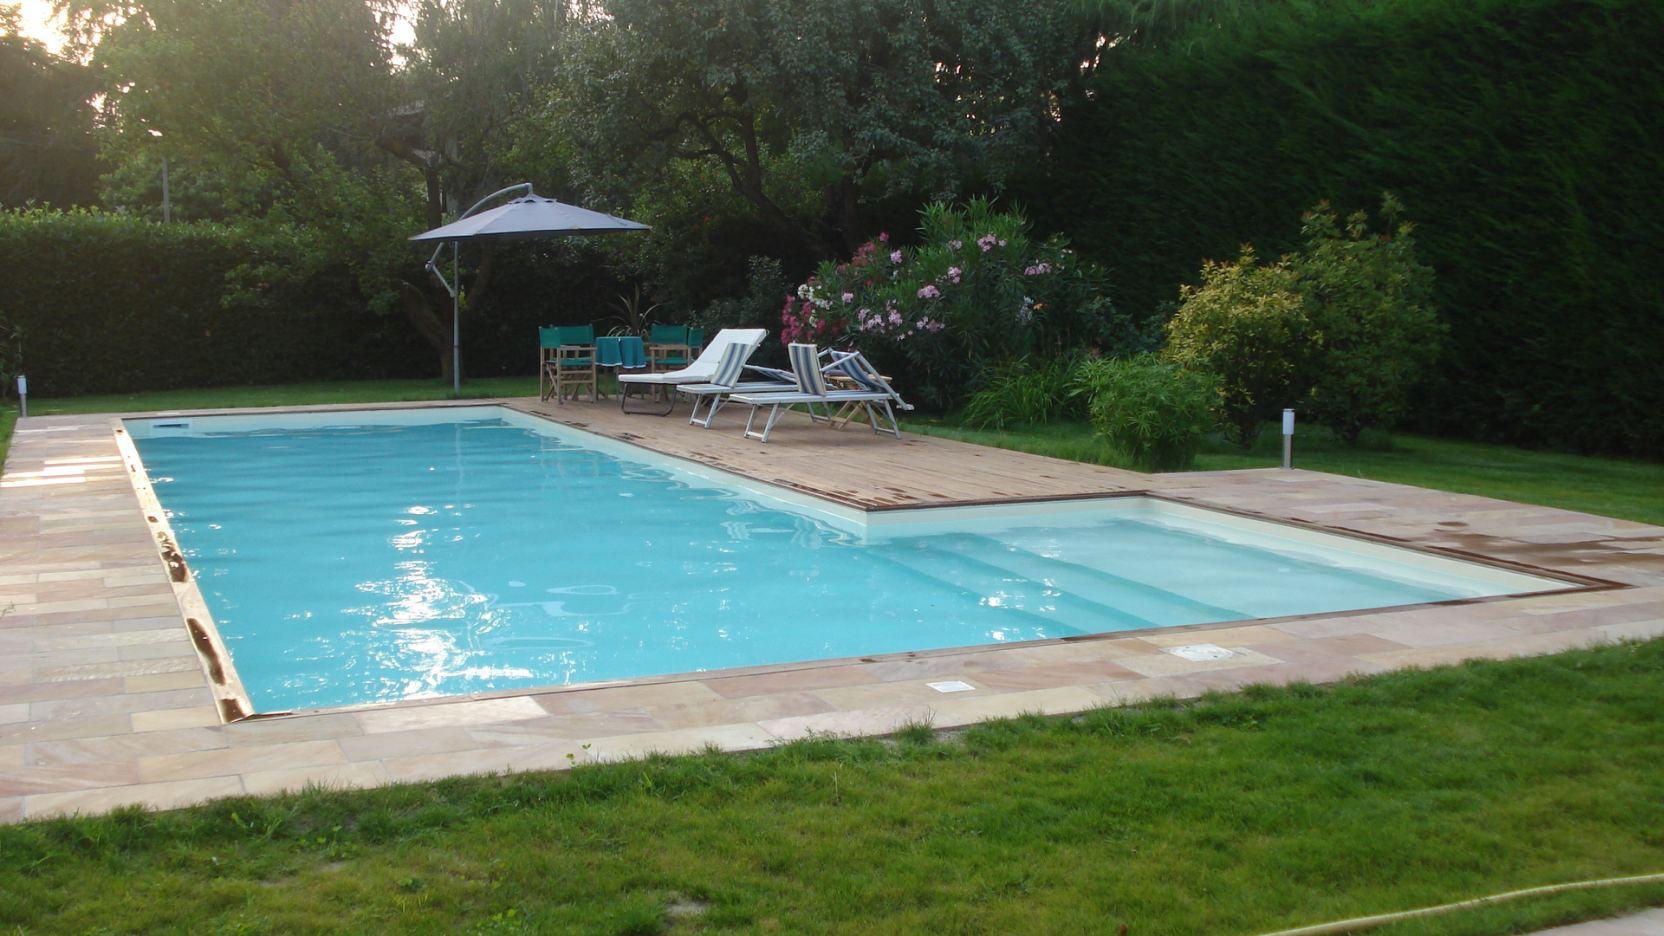 Revere 1 casareggio piscine piscine piscine mantova costruttori di piscine - Piscina mantova ...